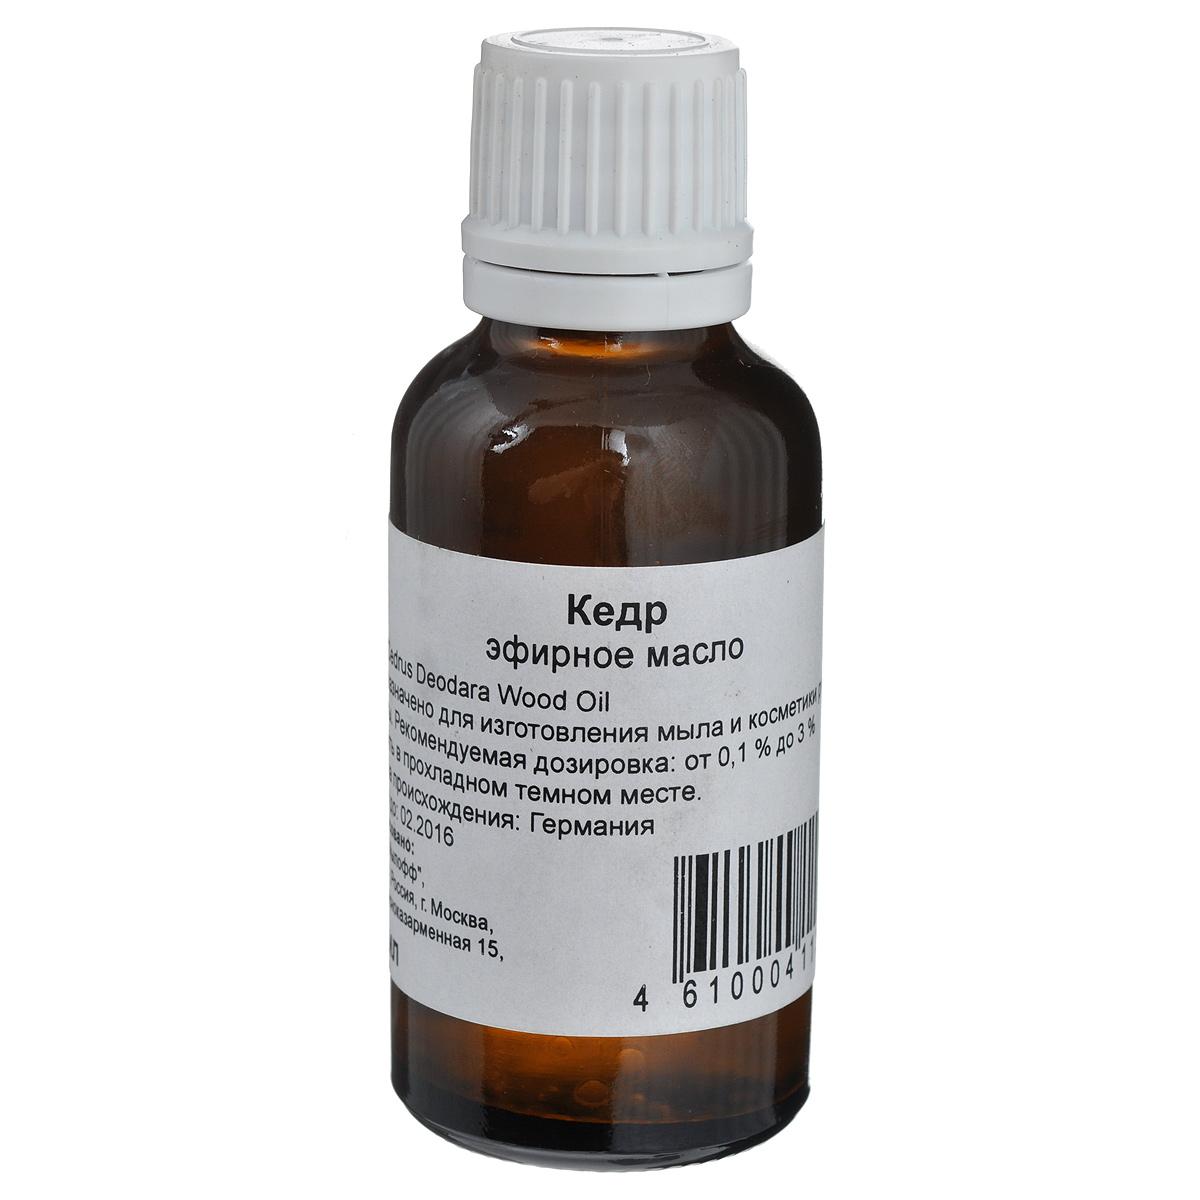 Масло эфирное Кедр, 30 млФР-00001387Благодаря успокаивающим свойствам масло кедра благотворно воздействует на человека в состоянии нервного напряжения и тревоги. Используется при медитации. Многие говорят о способности масла направлять заблудшие души на путь истинный, но обоснованность подобного утверждения нуждается в проверке. Хорошее тонизирующее средство для волос, может эффективно помогать при себорее кожи головы, а такте от перхоти и облысения. Свойство смягчать кожу еще более отчетливо проявляется при смешивании его с маслами кипариса и ладанного дерева. Предназначено для изготовления мыла и косметики ручной работы.